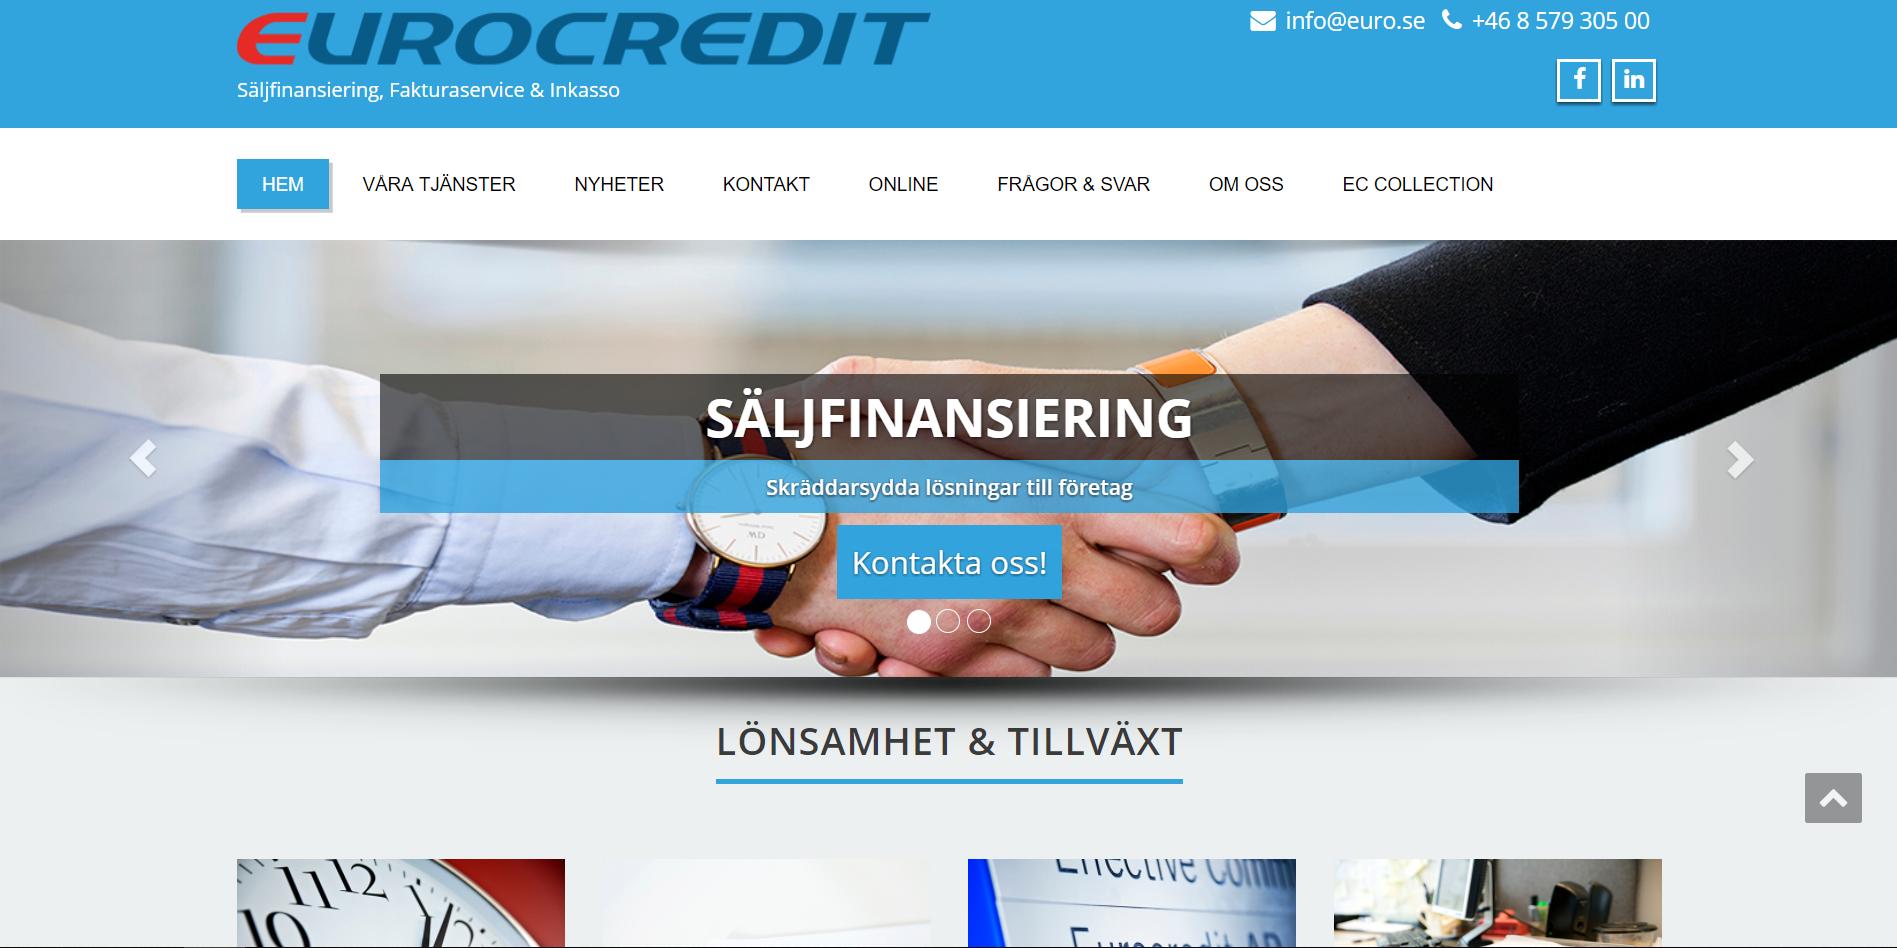 Eurocredit Innan de fick ny hemsida av Sunbird